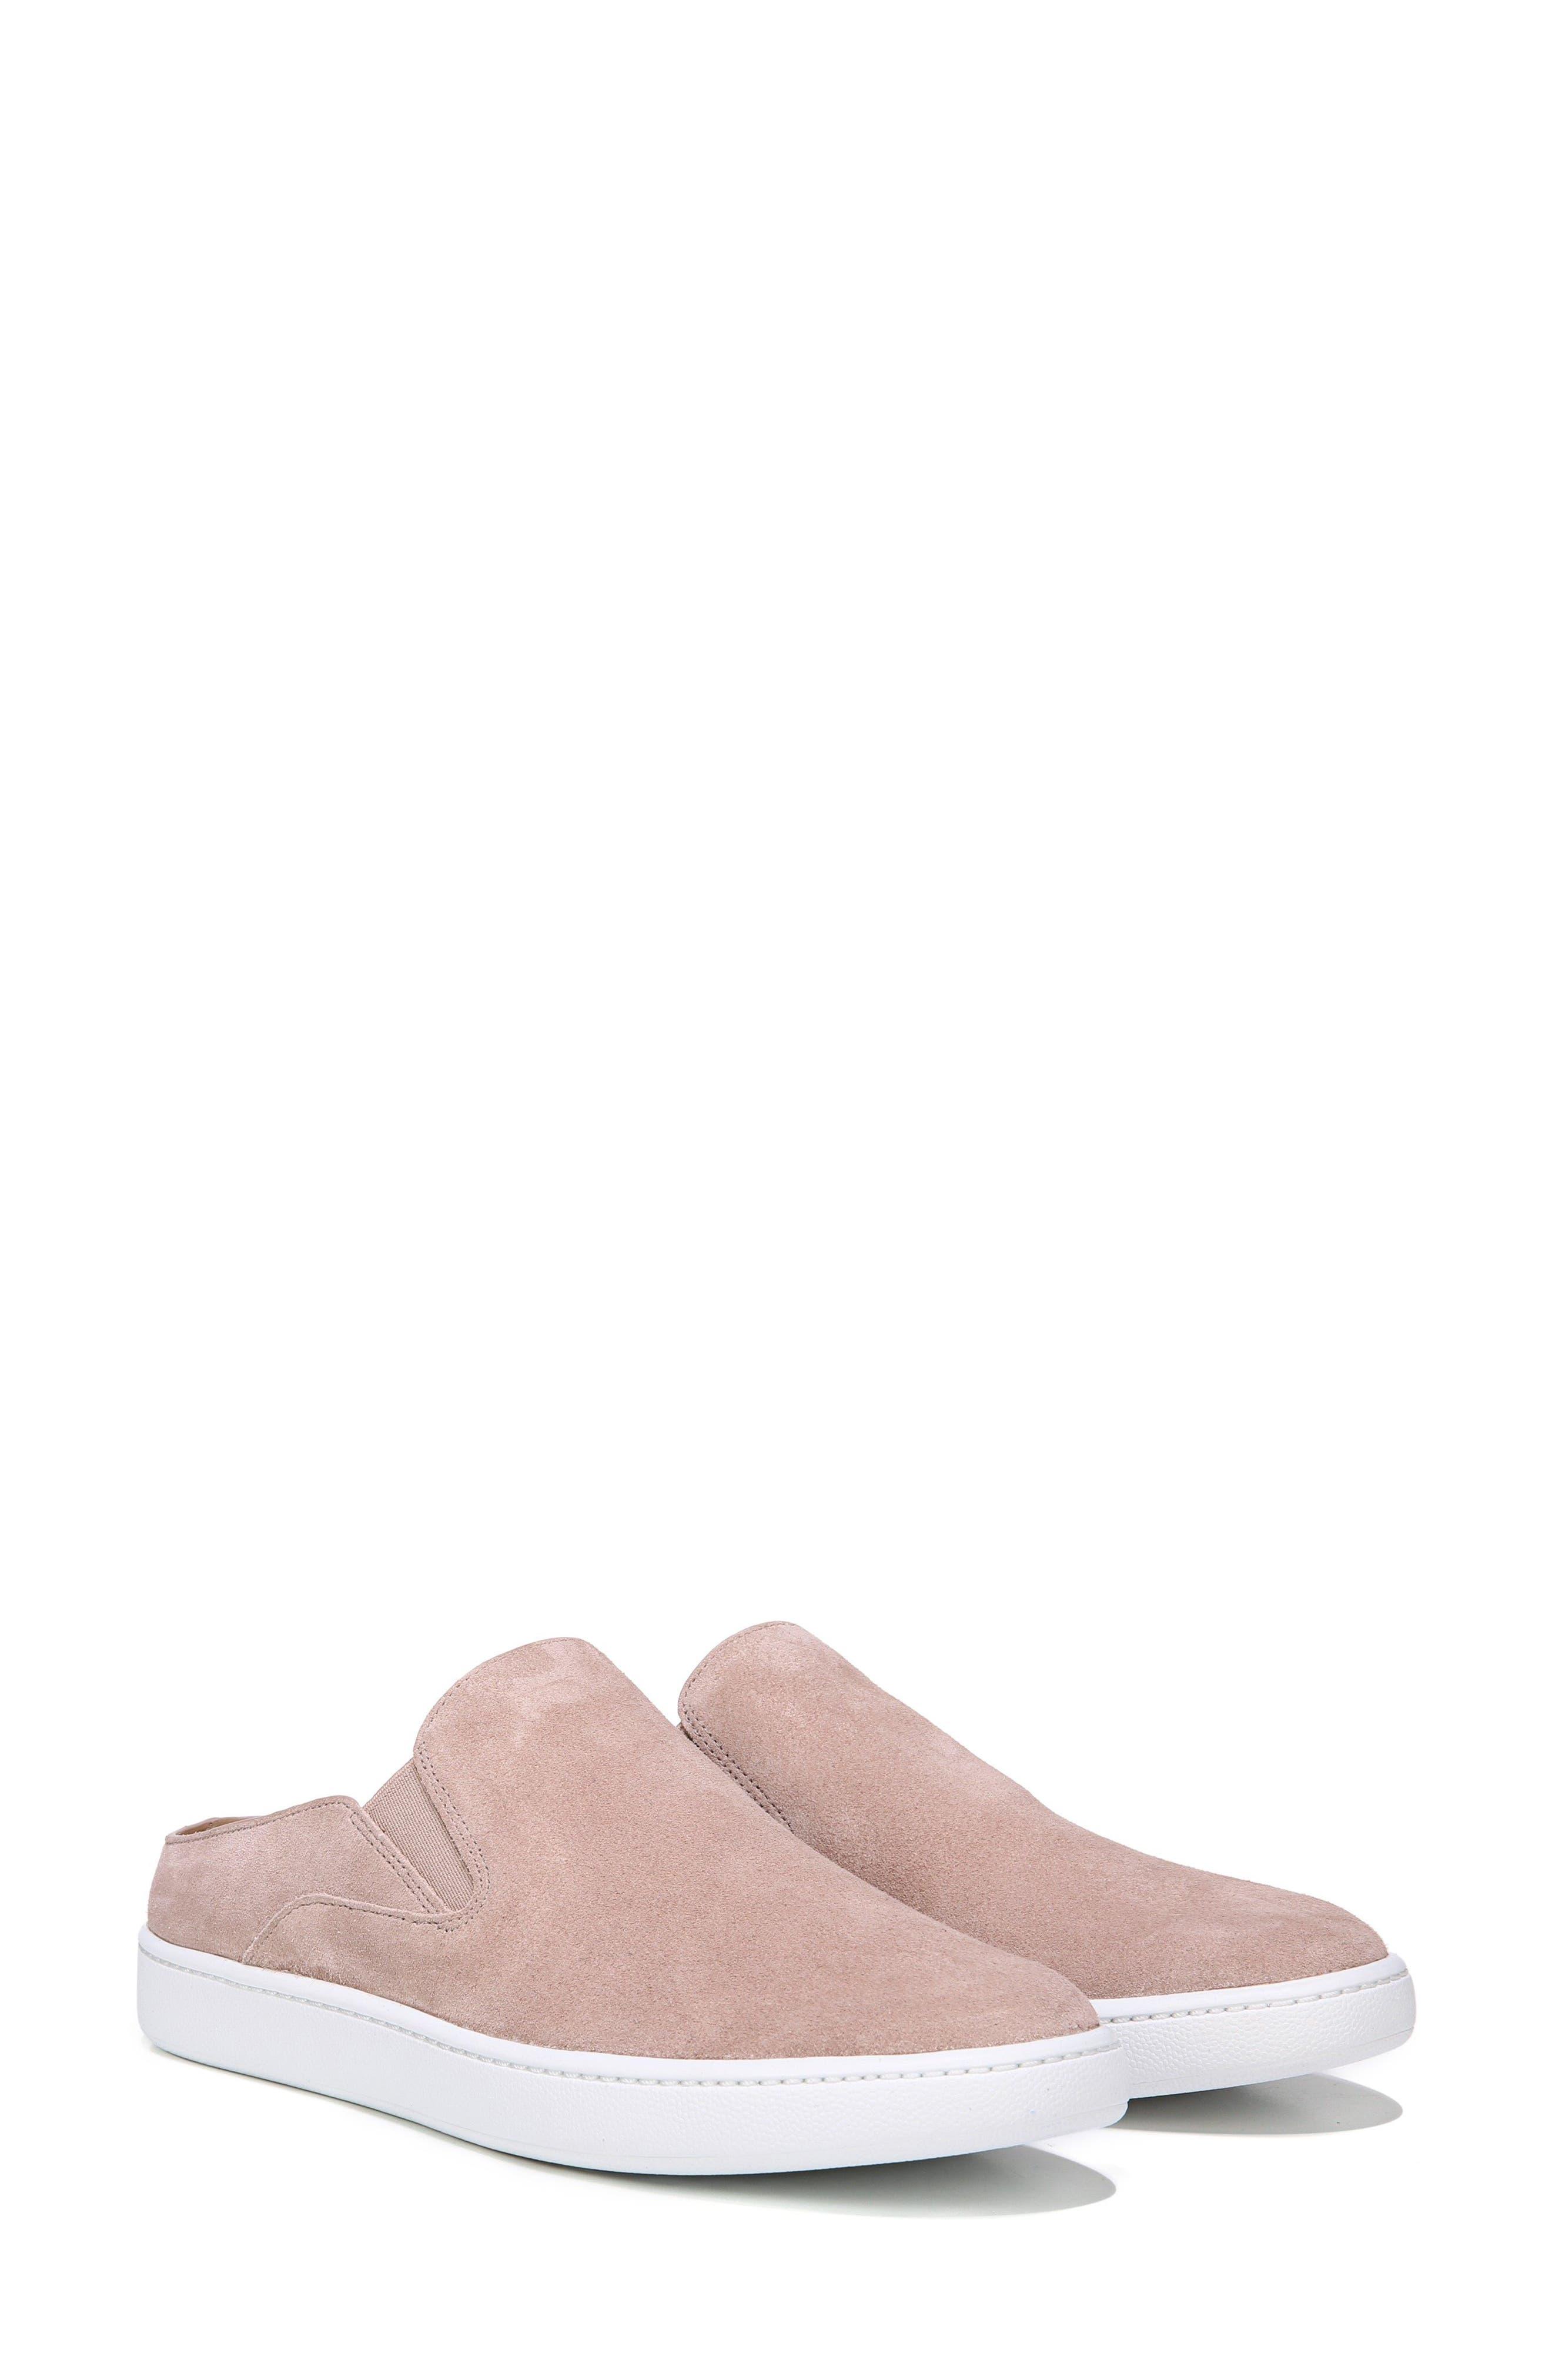 Verrell Slip-On Sneaker,                             Alternate thumbnail 7, color,                             023